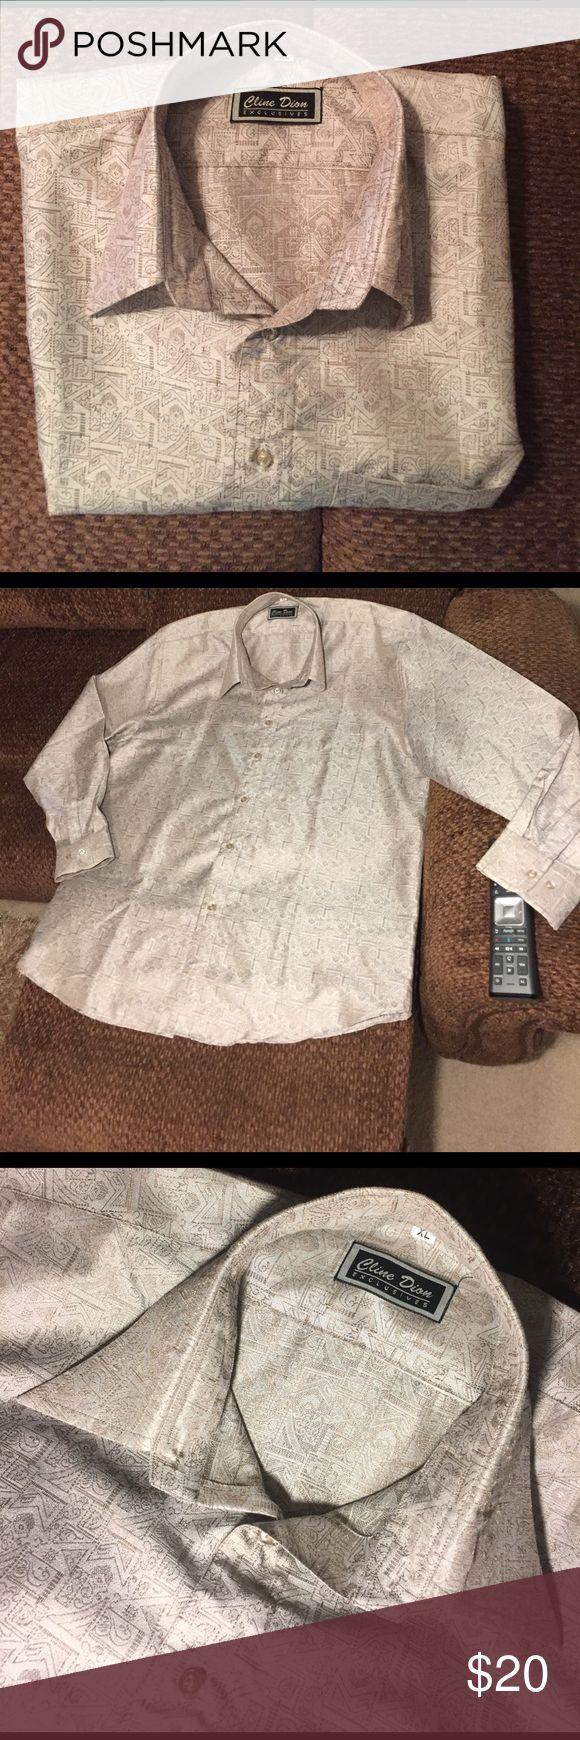 Men's Dress Shirt NWOT Never worn. A very neutral, classy shirt. Cline Dion Shirts Dress Shirts